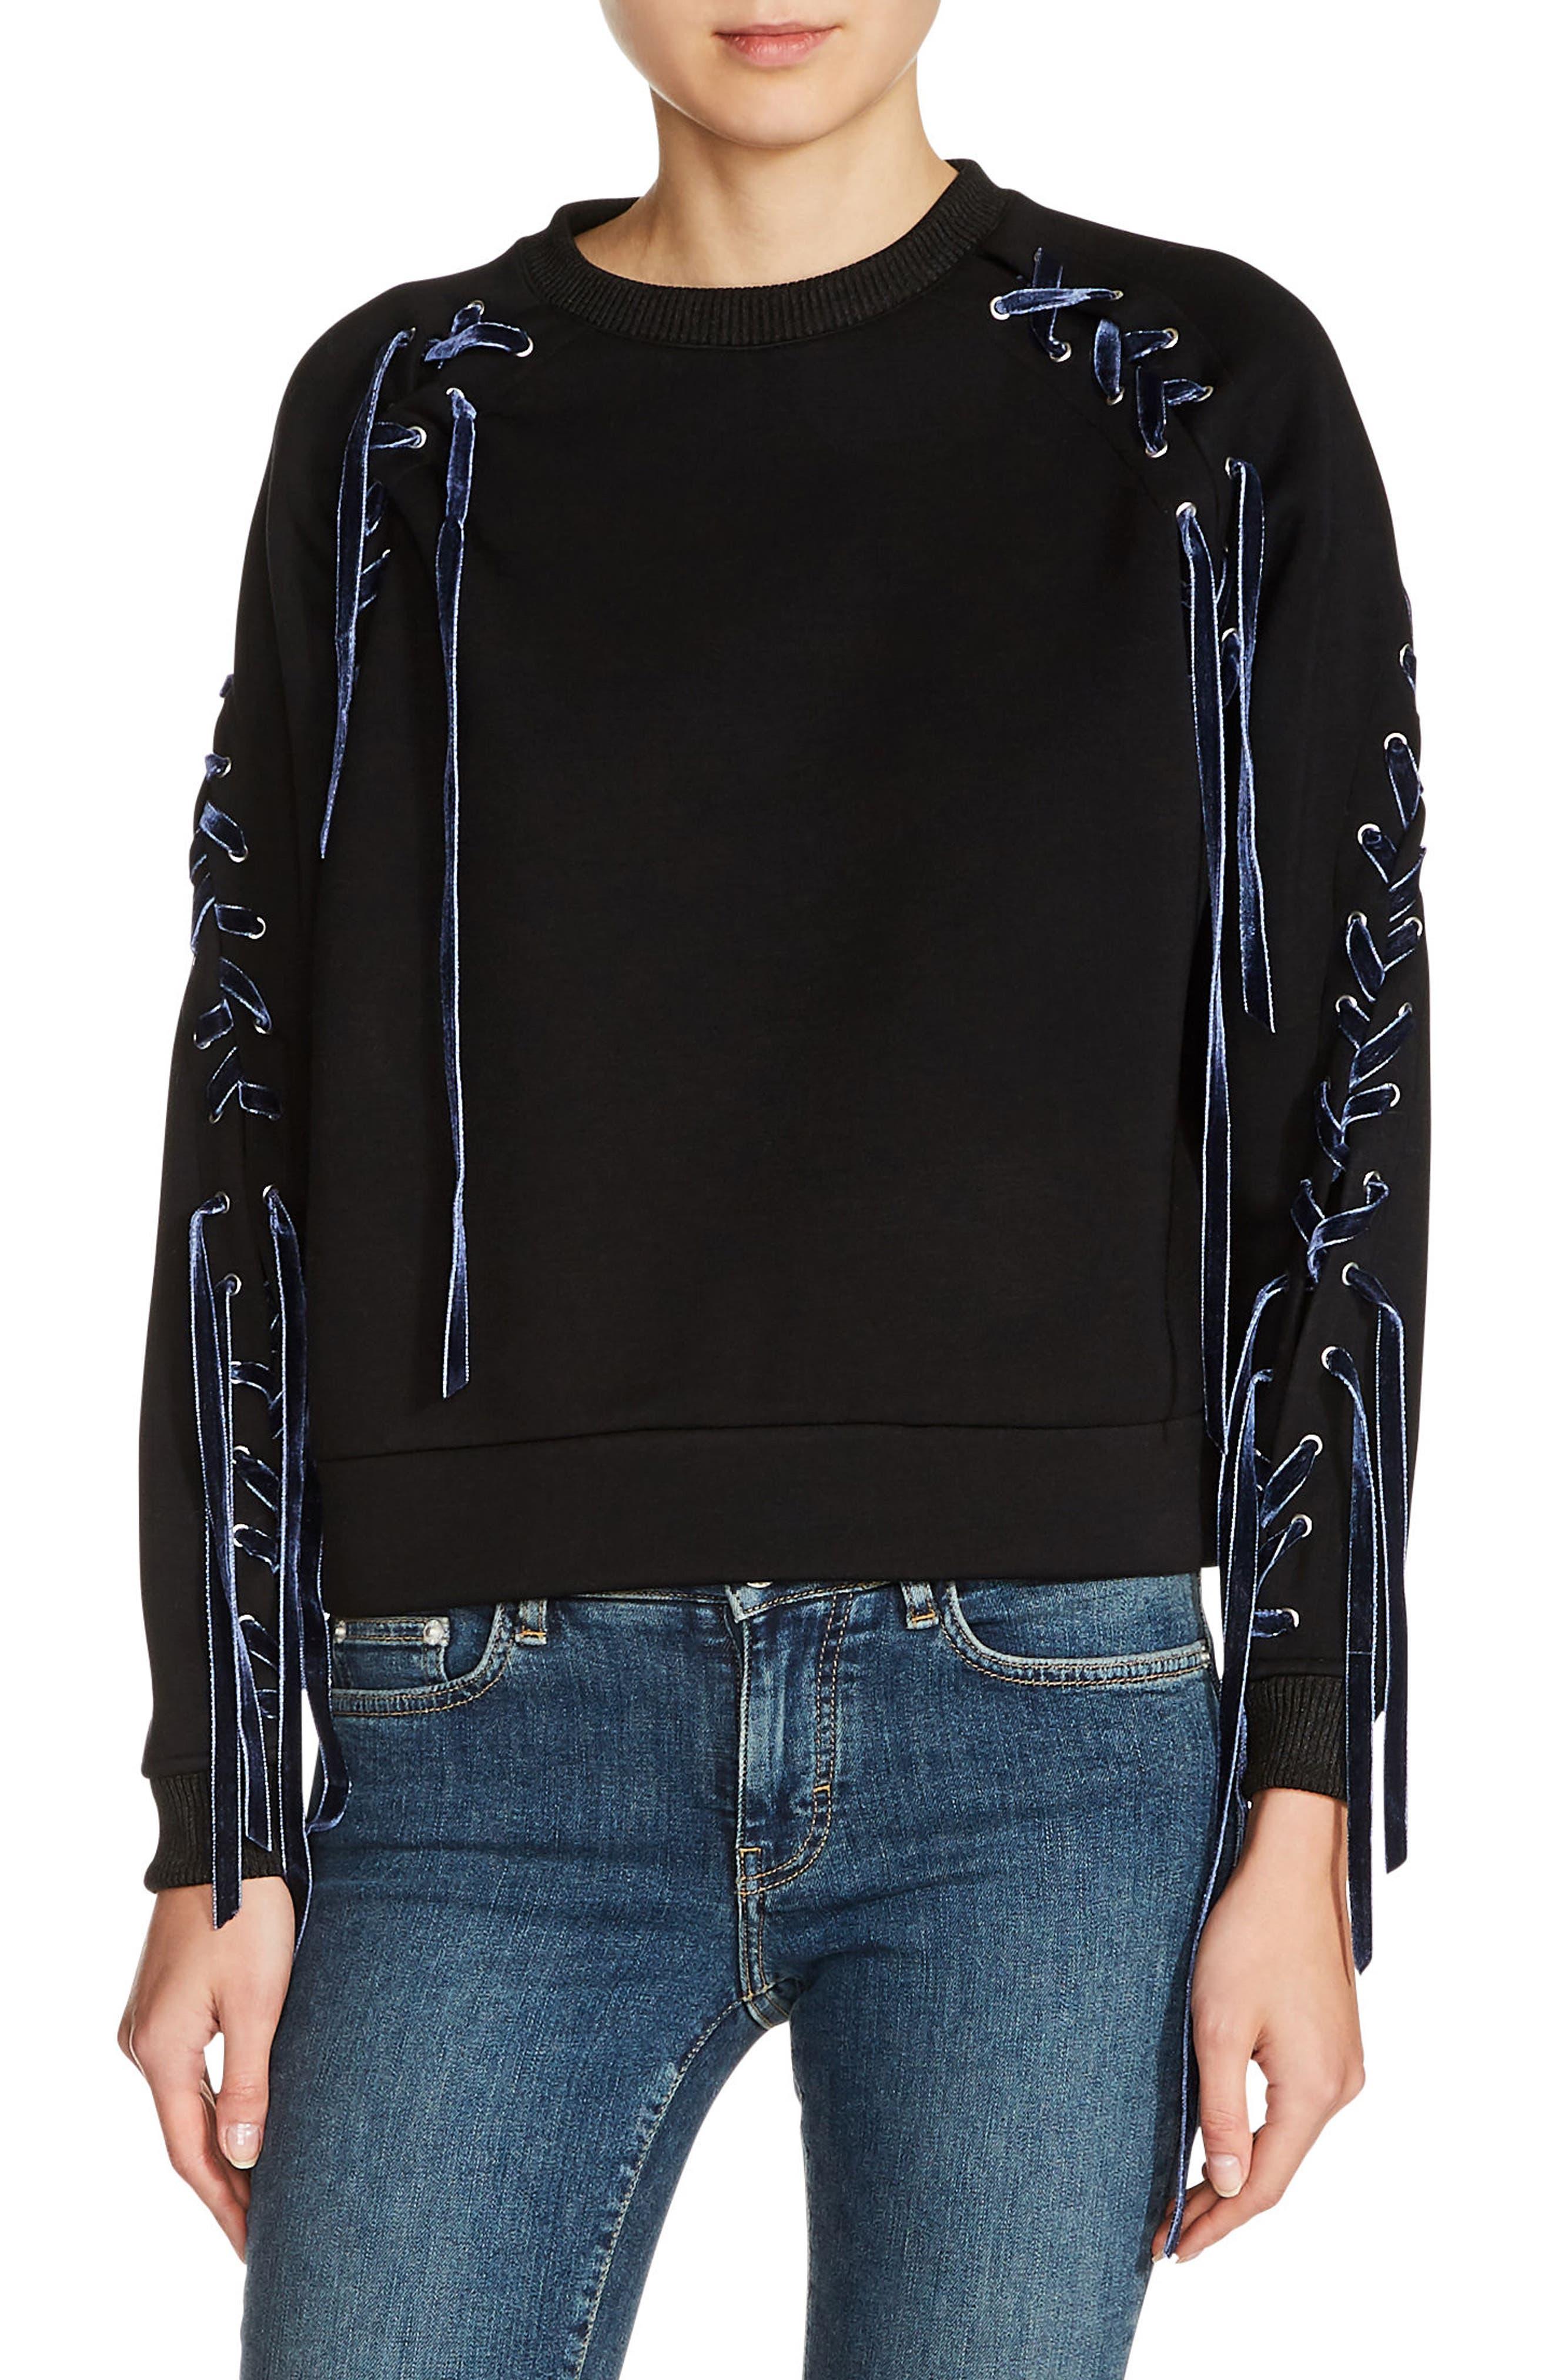 maje Lace-Up Sweatshirt